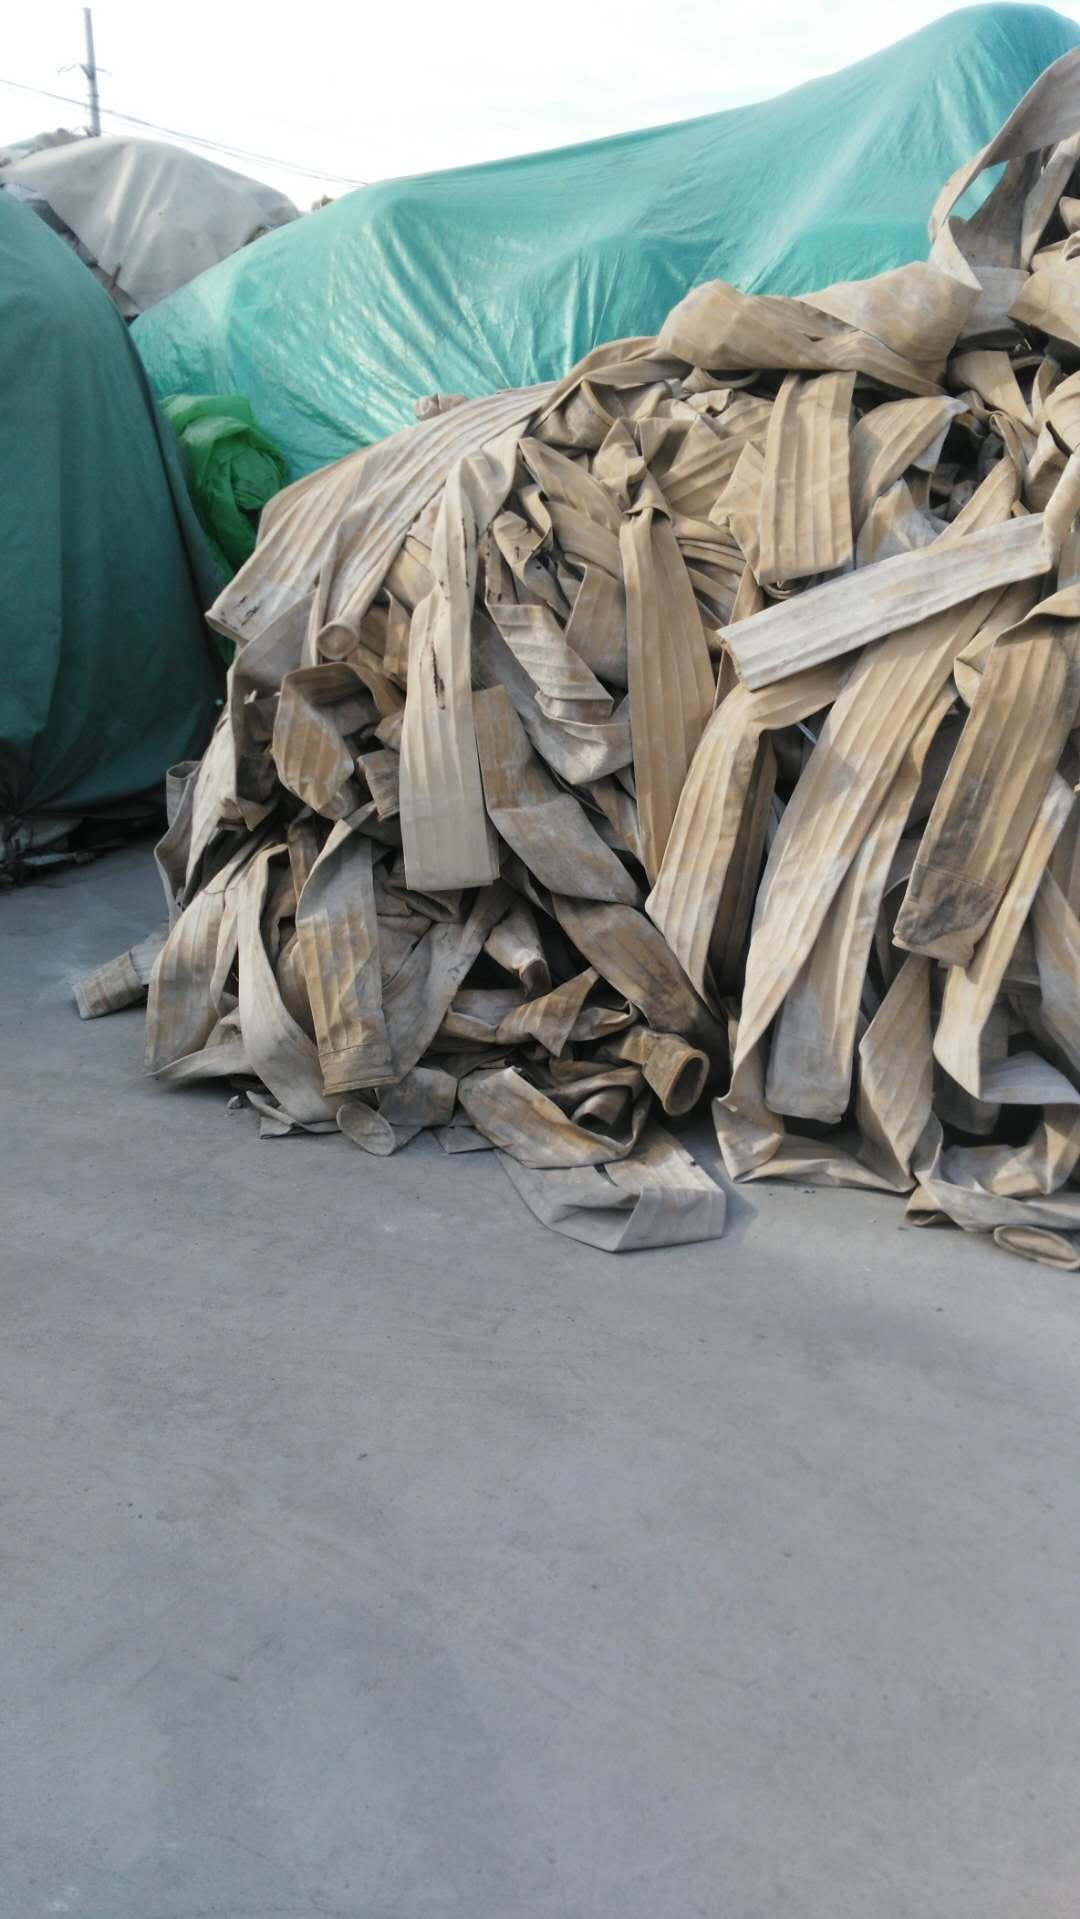 苏州回收废旧除尘布袋服务报价,回收废旧除尘布袋供货商